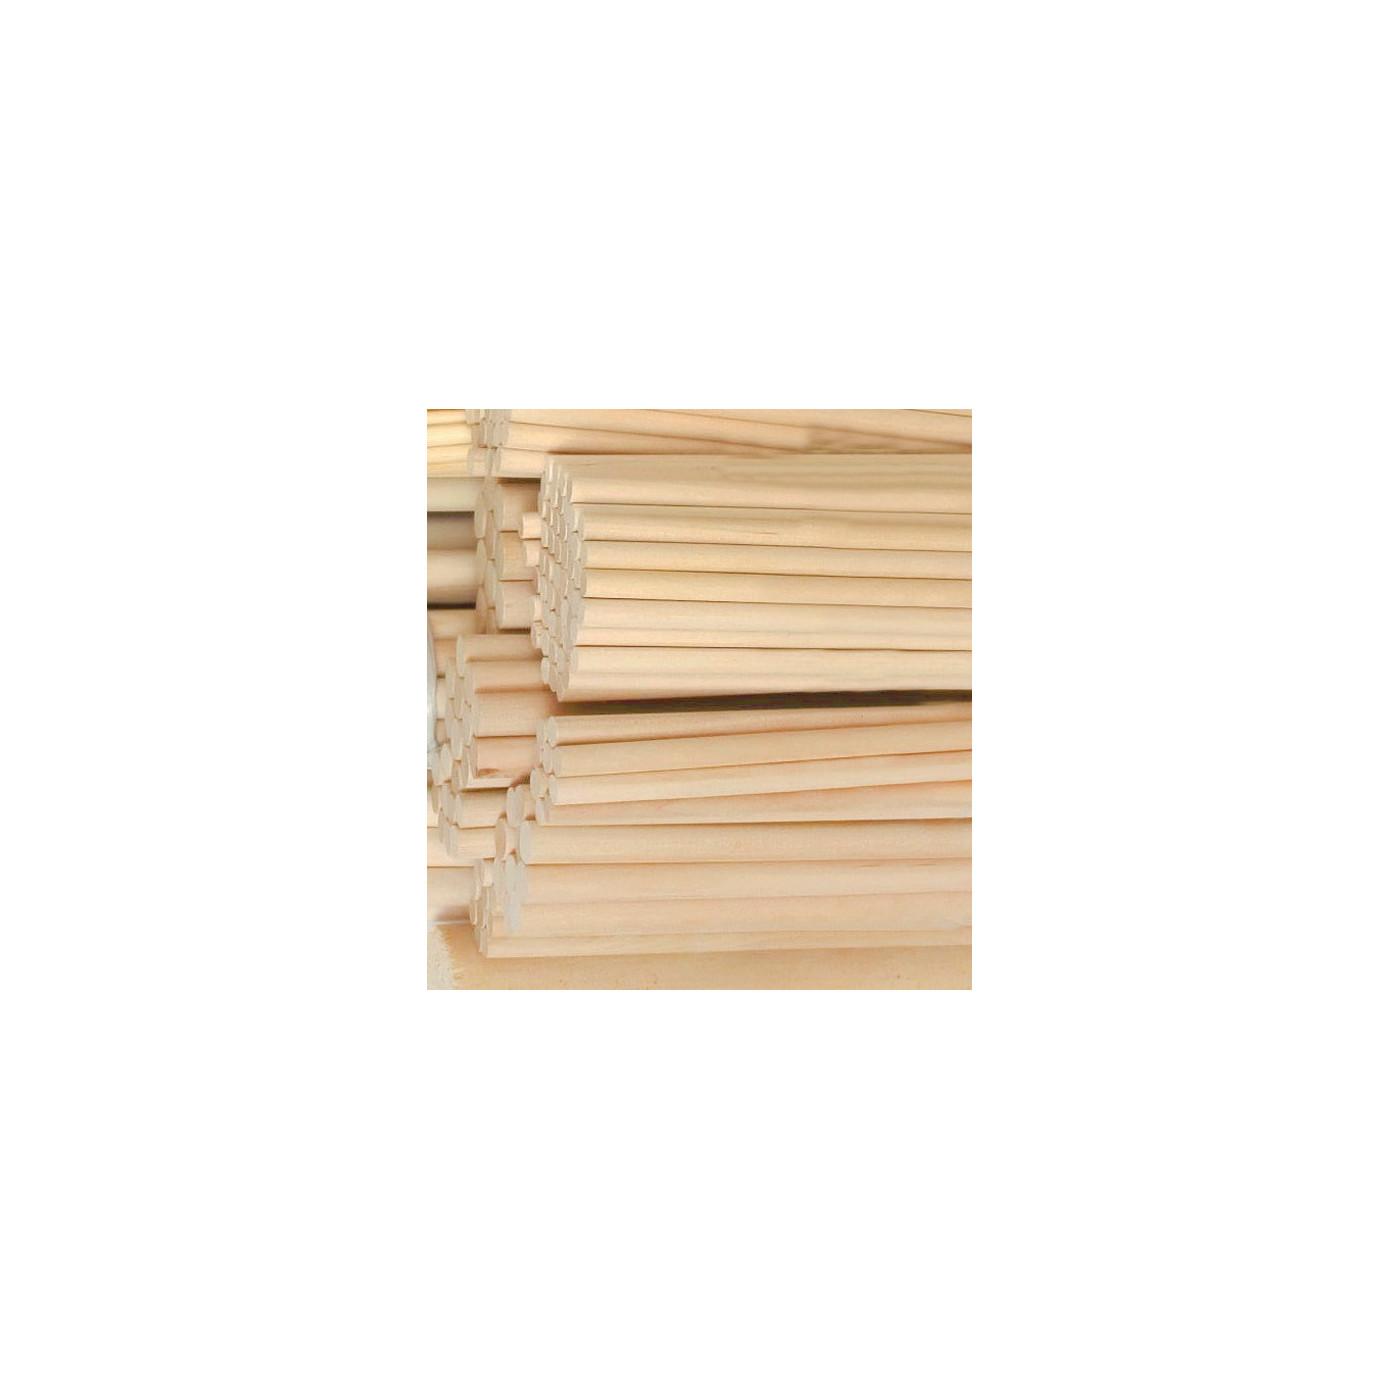 Set von 100 Holzstäbe (9.5 mm x 20 cm, Birke)  - 1